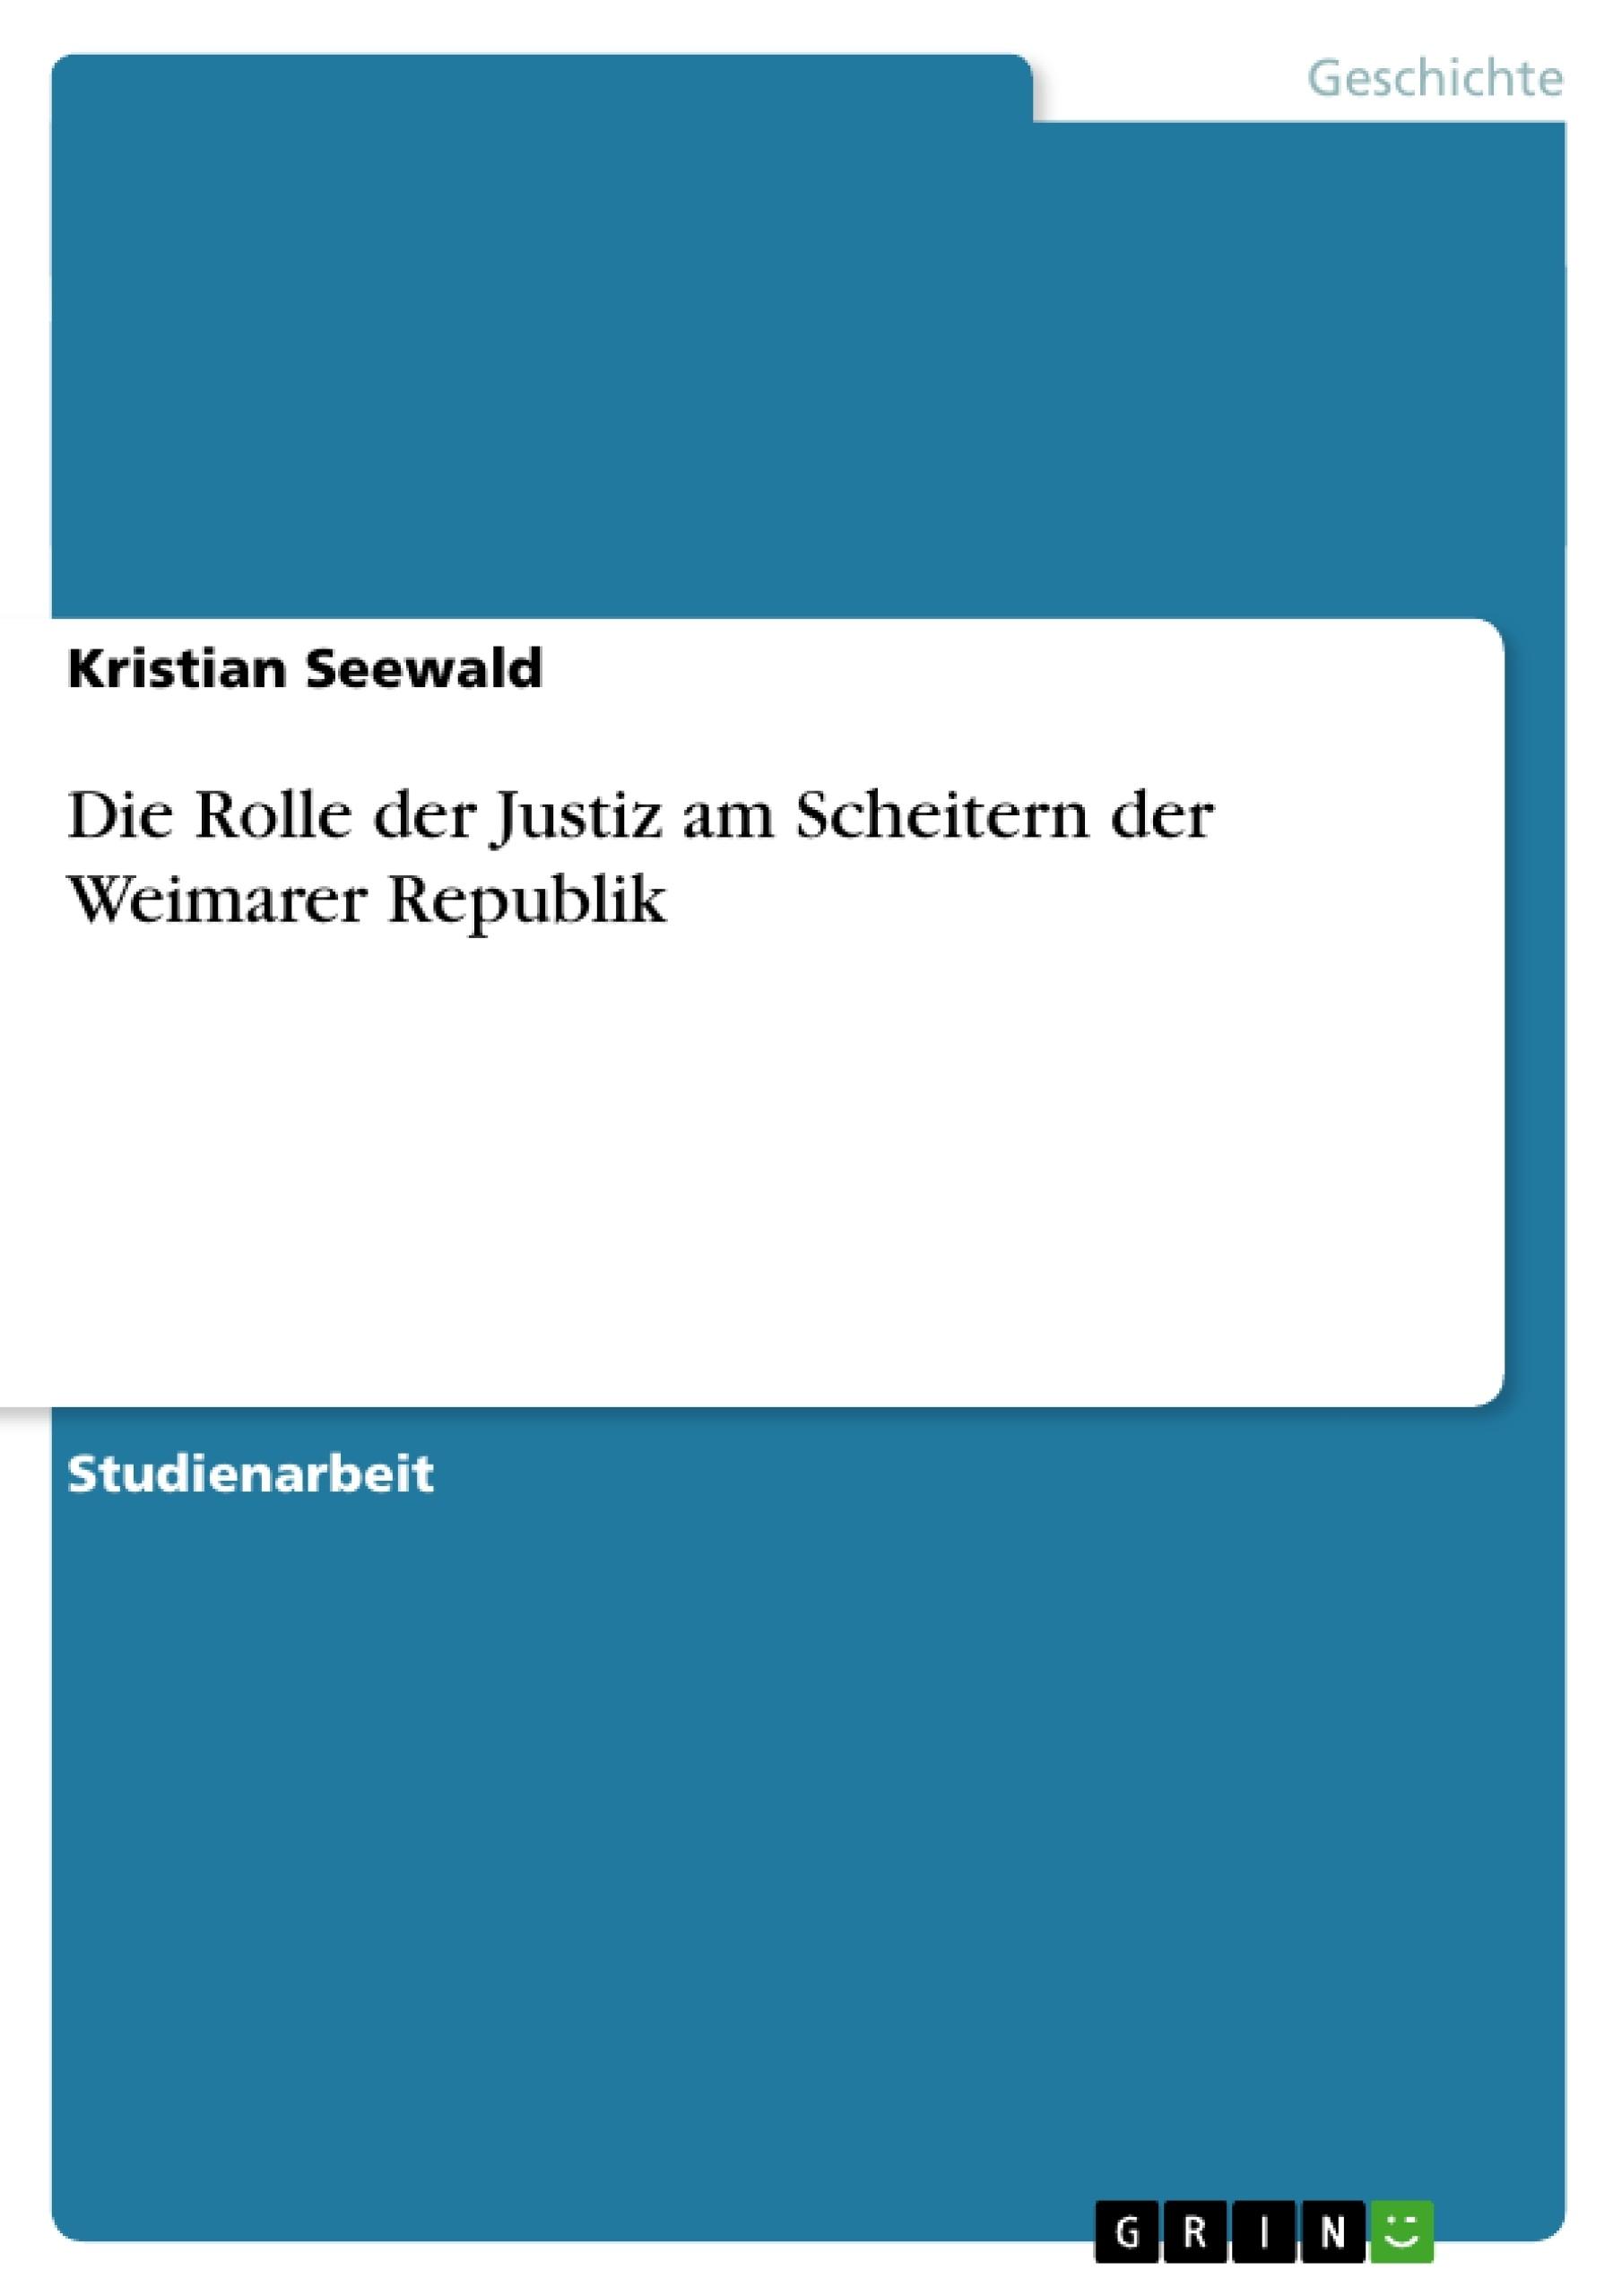 Titel: Die Rolle der Justiz am Scheitern der Weimarer Republik